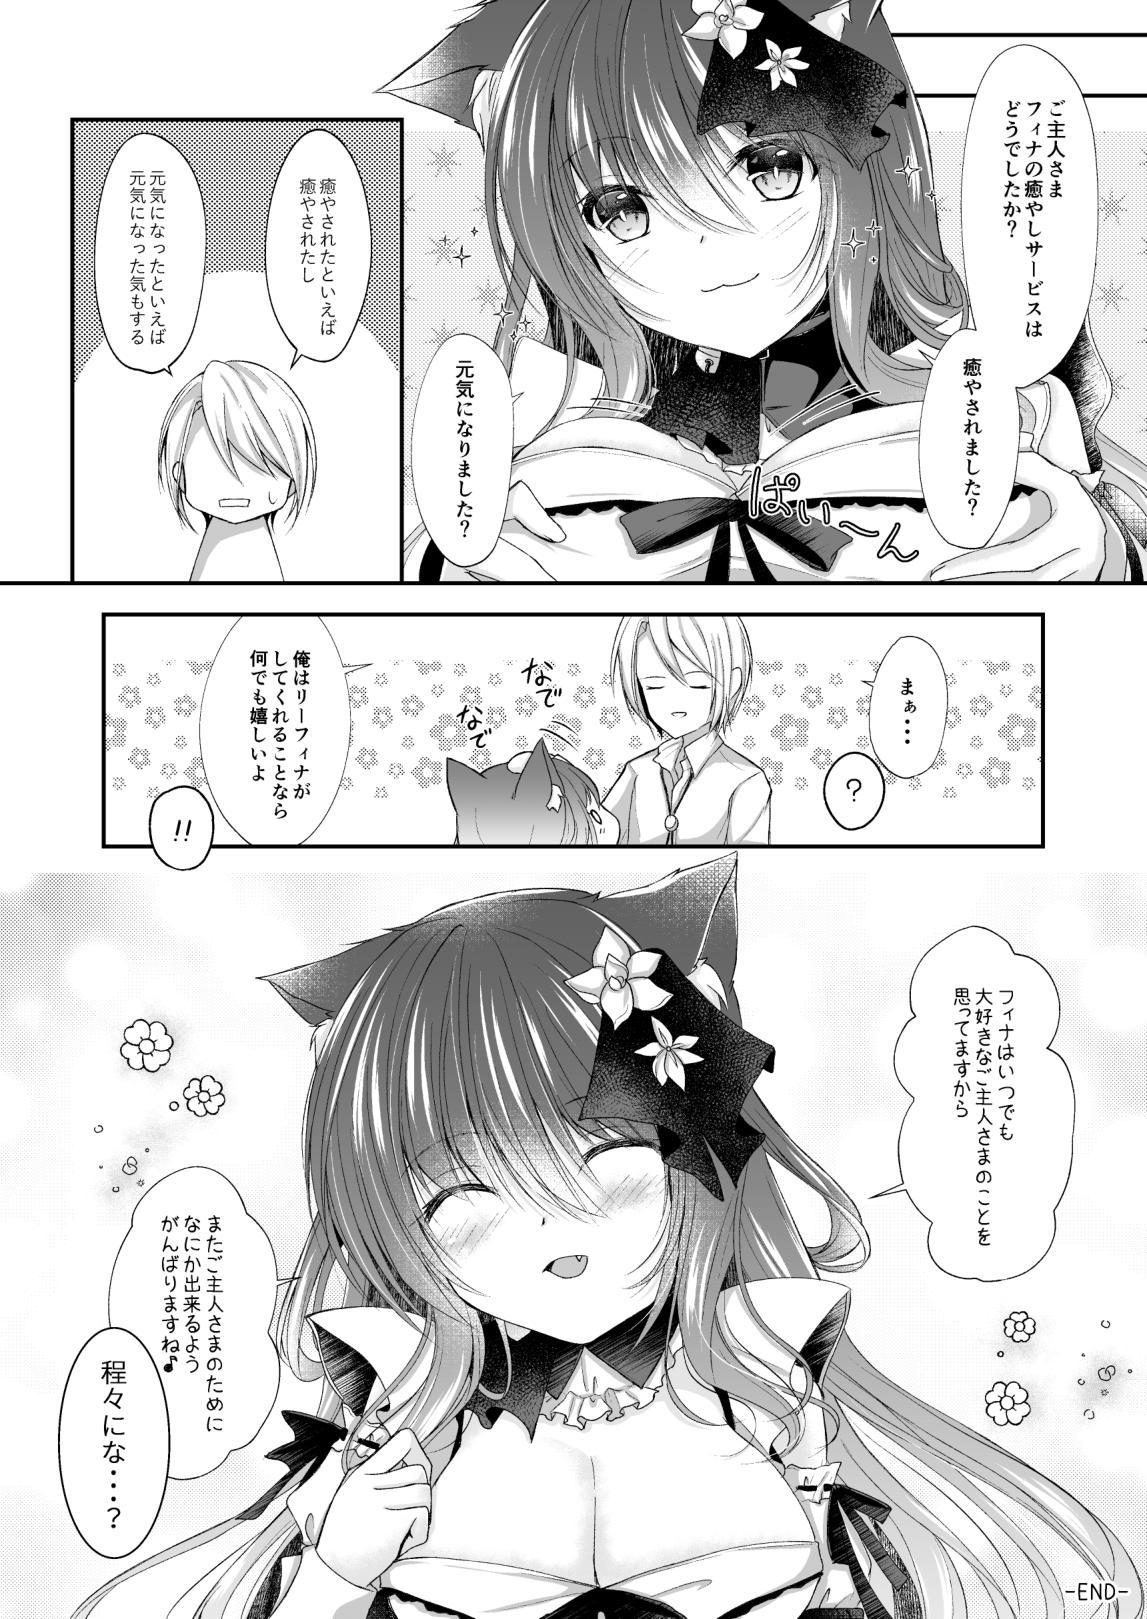 Maid na Nyanko wa Goshujin-sama o Iyashitai 19